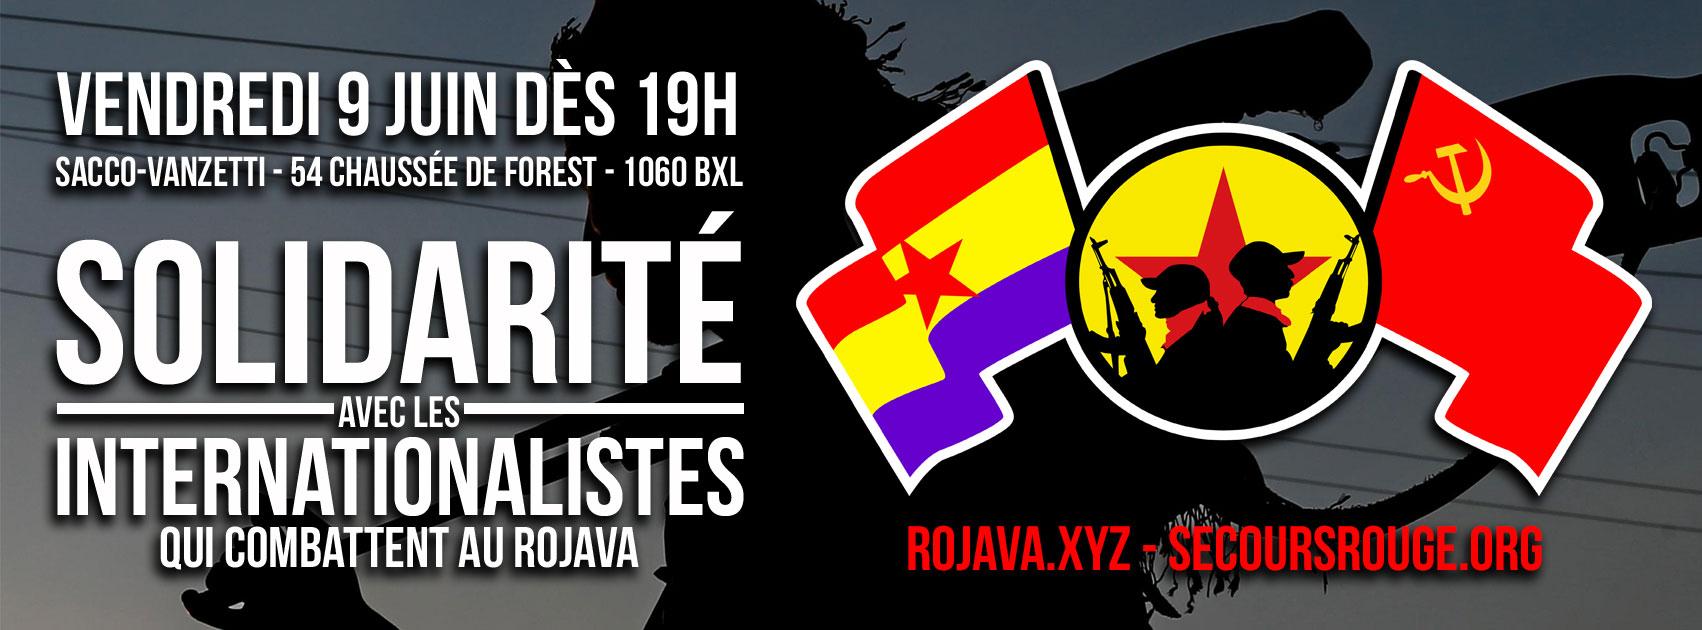 Soirée de solidarité avec les internationalistes qui combattent au Rojava